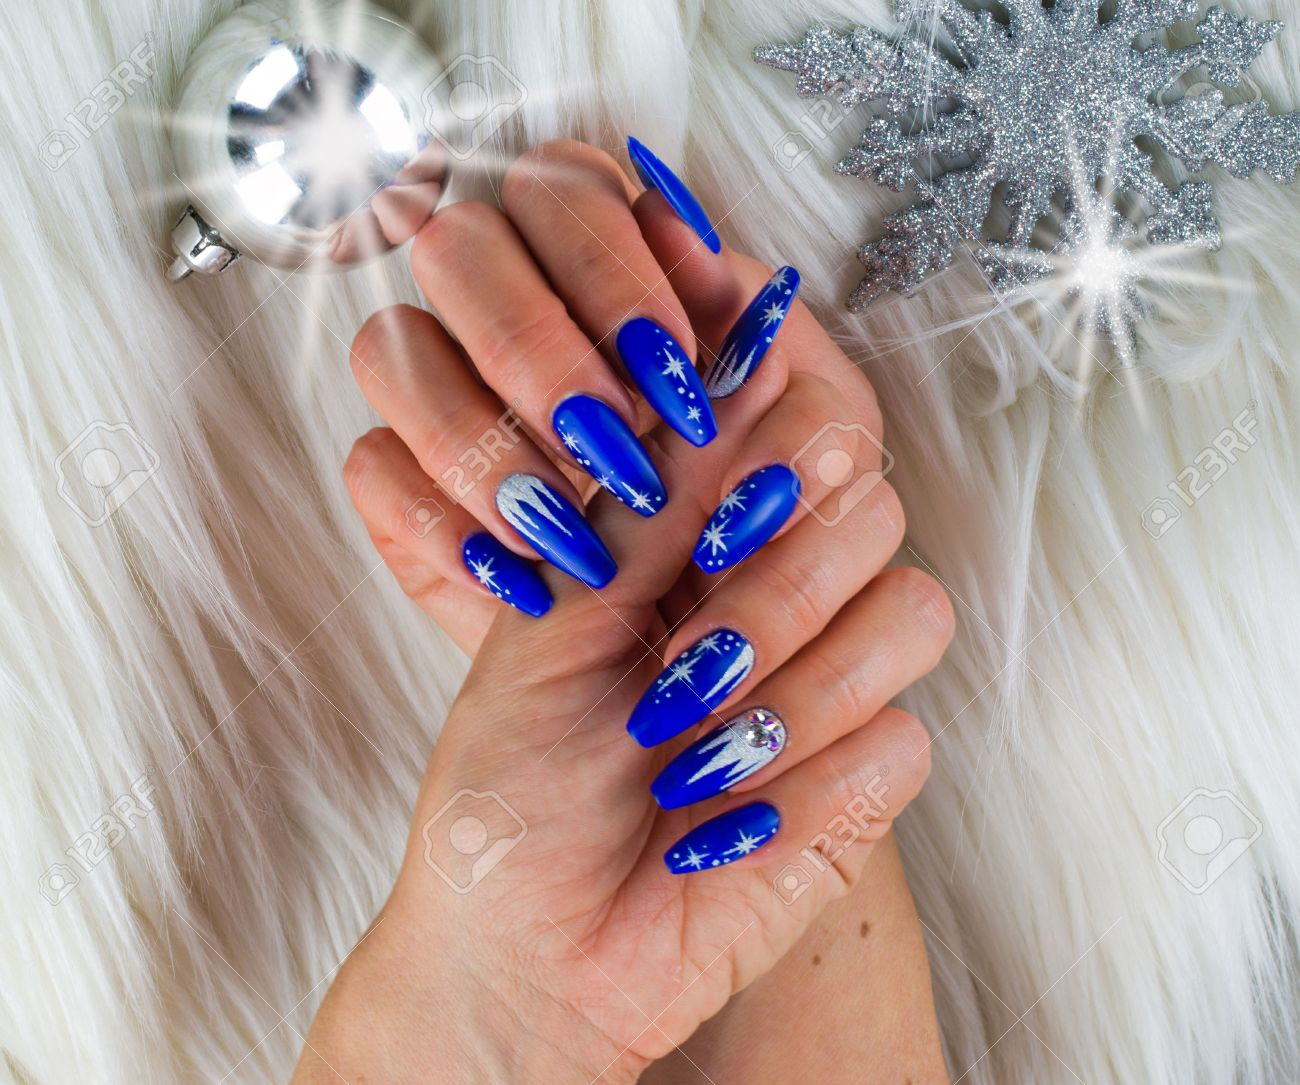 Unas Decoradas Con Color Azul Y Las Estrellas Brillantes Para